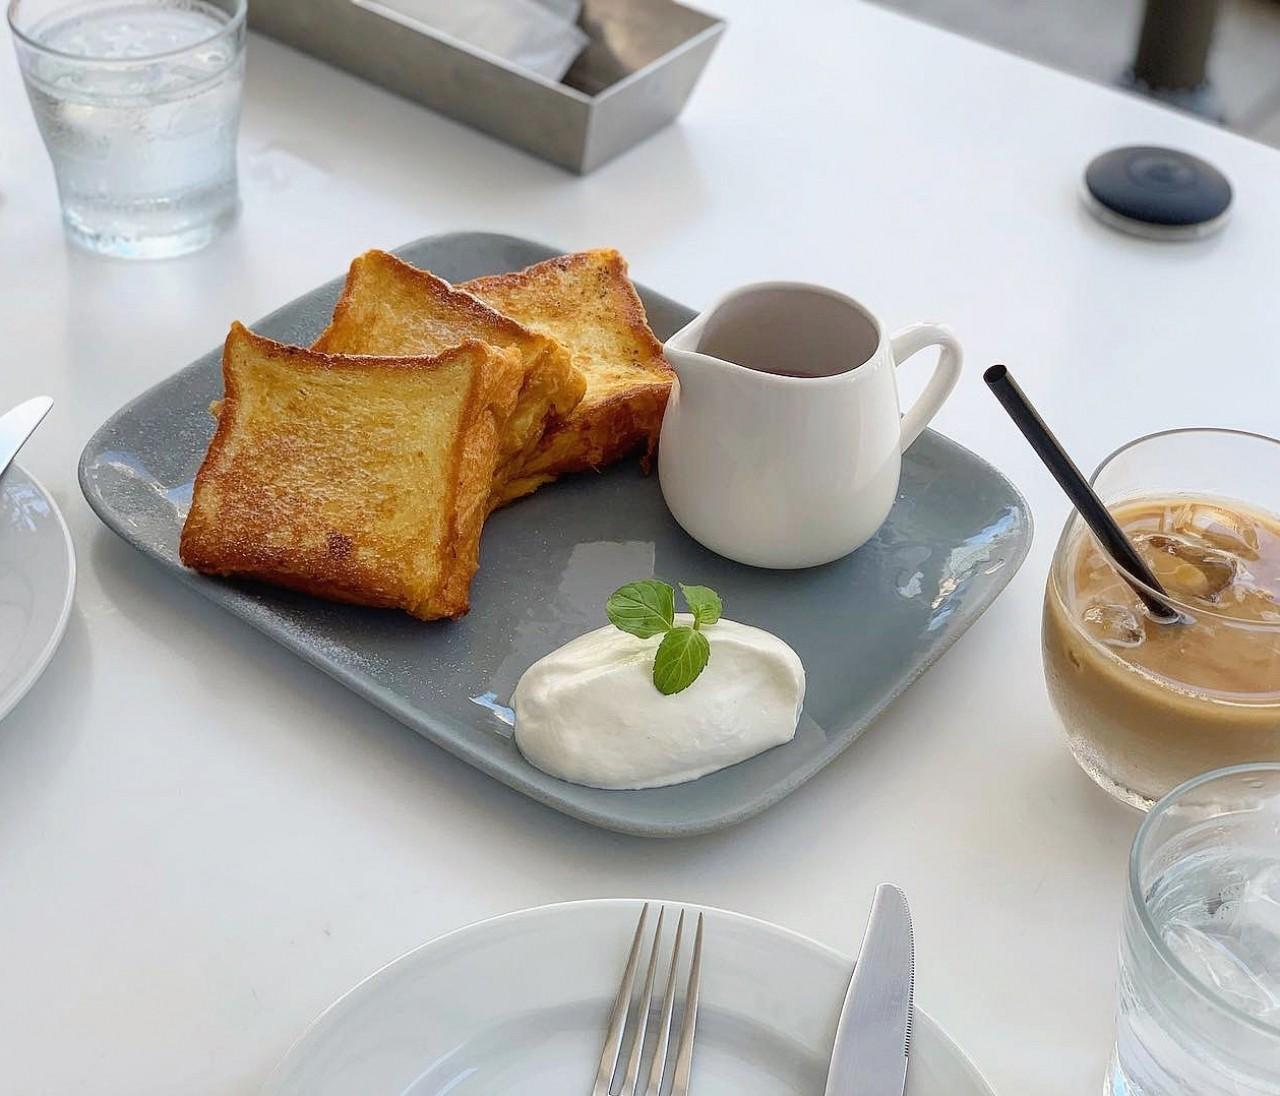 【銀座ブランチ】素朴ですごいフレンチトースト